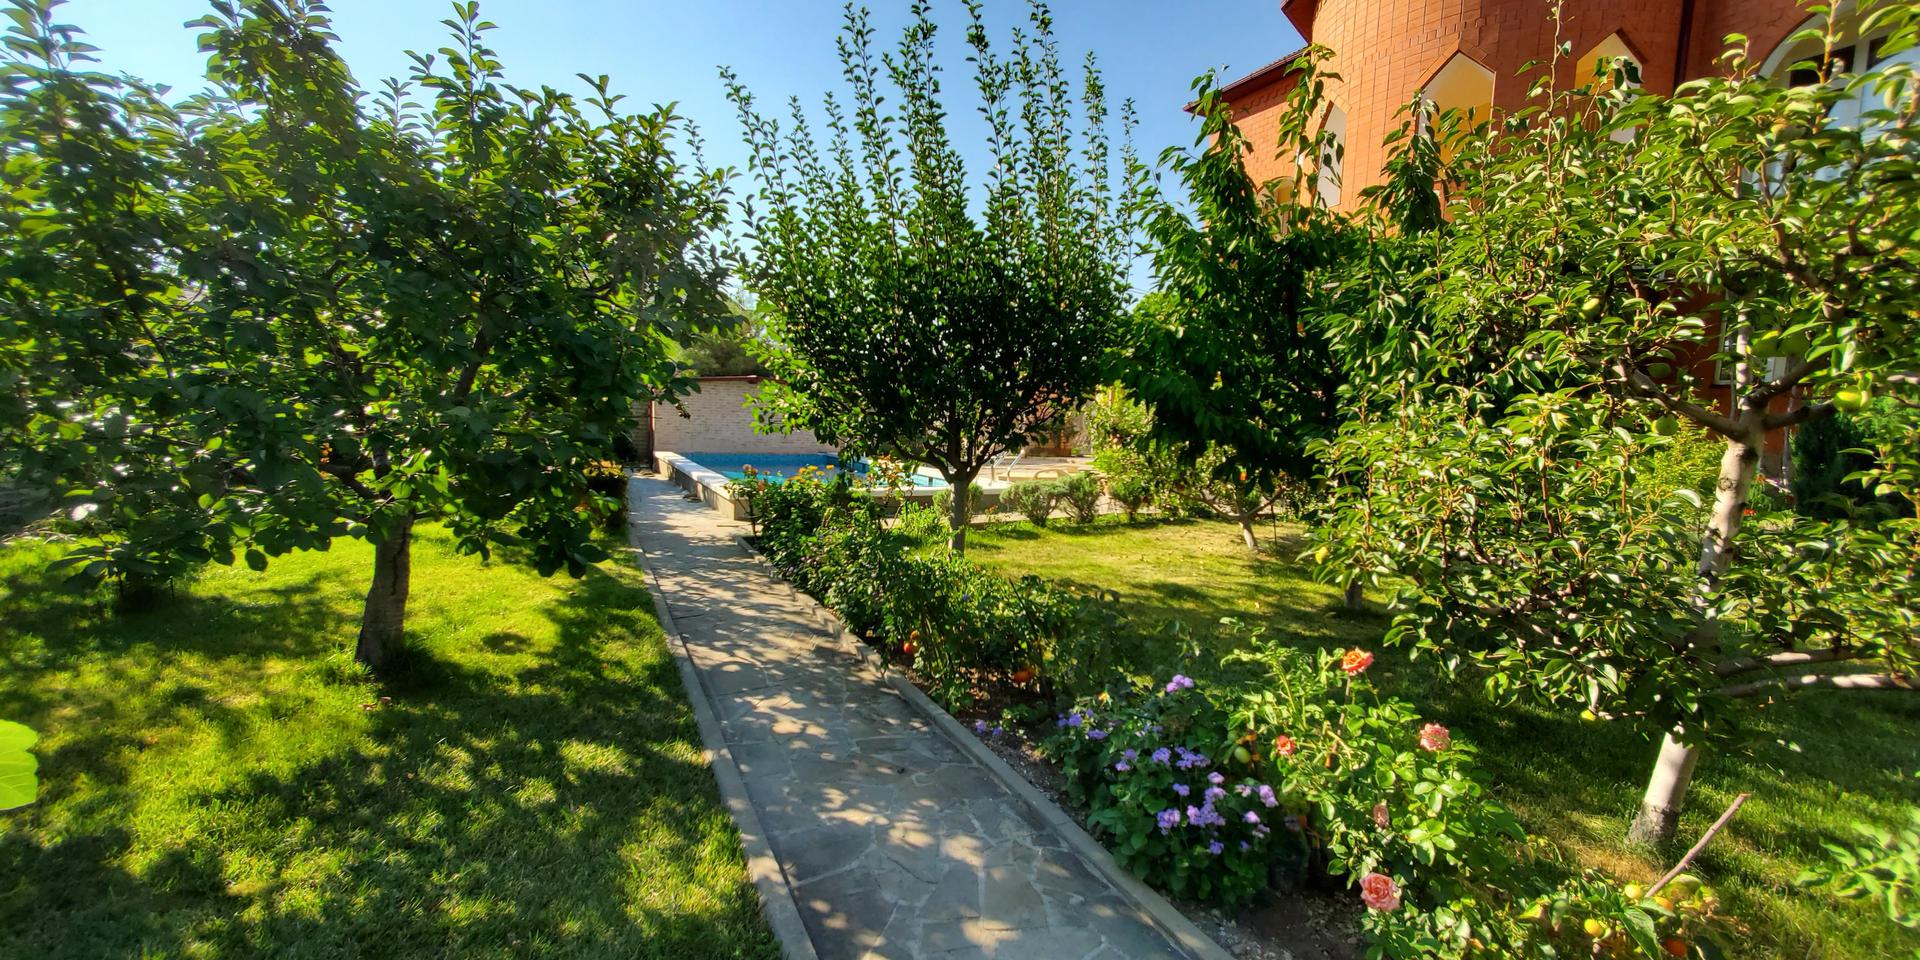 garden & pool - 20200731_165525.jpg